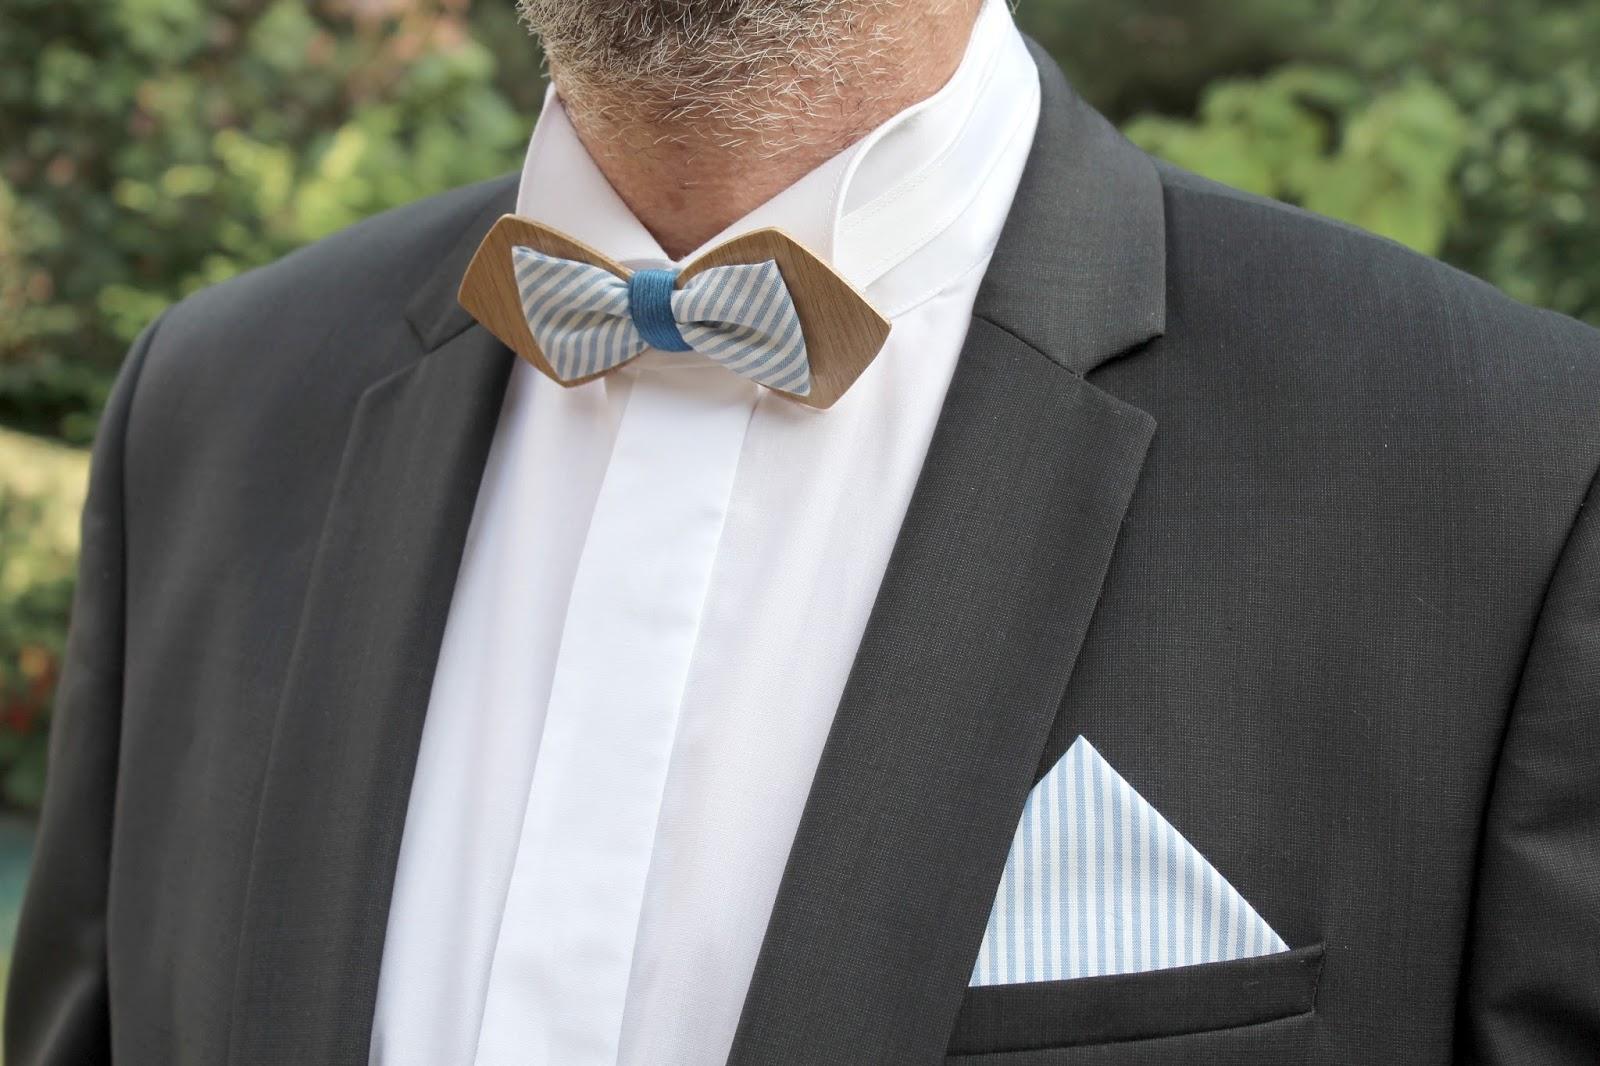 meilleure qualité pour Vente au rabais 2019 style à la mode Noeuds papillon en bois et cravates bois - Frédérique ...